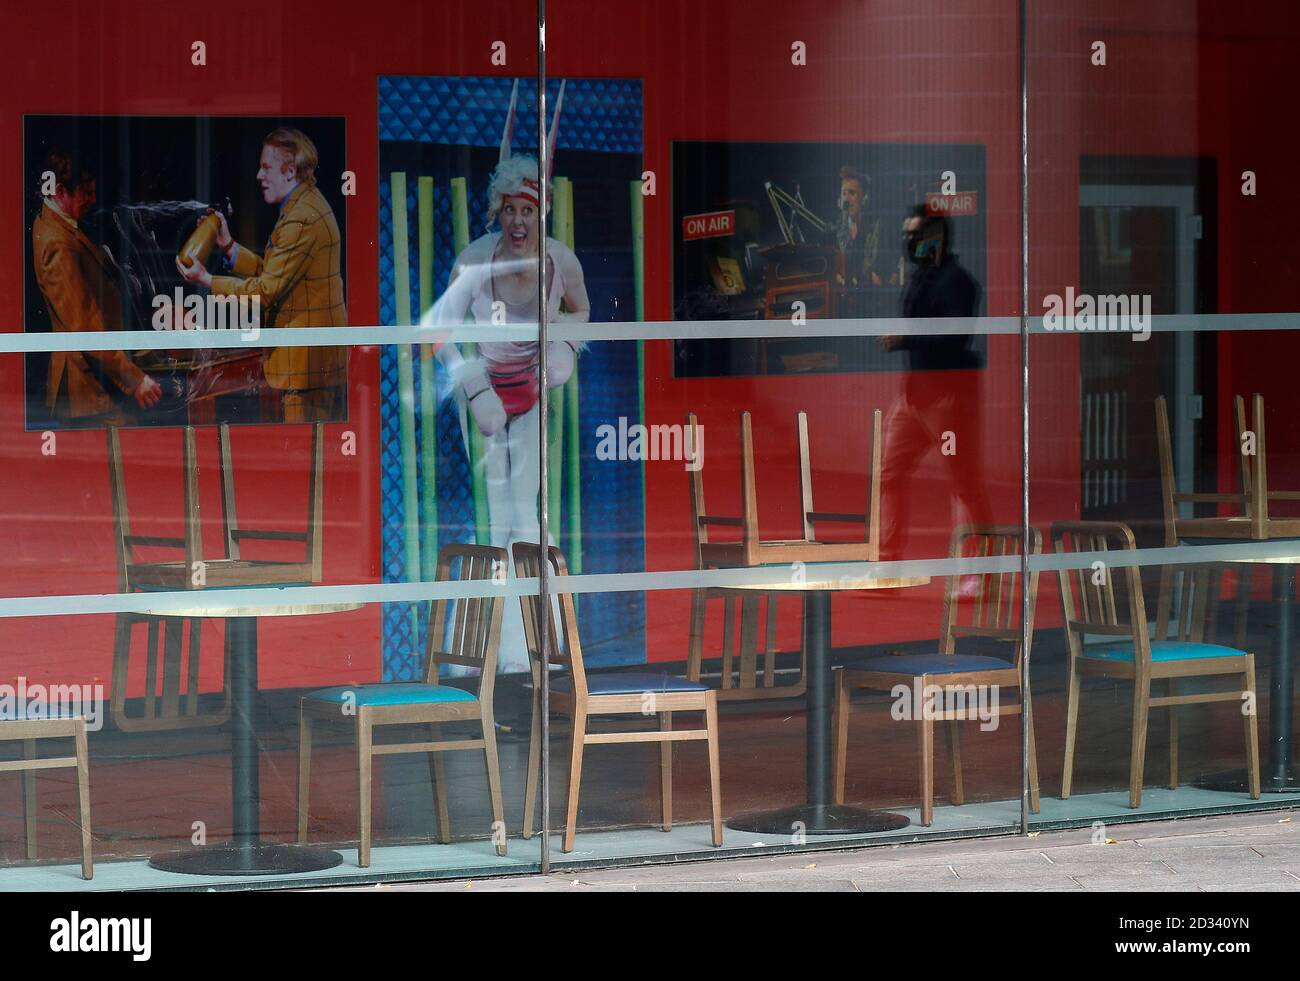 Leicester, Leicestershire, Royaume-Uni. 7 octobre 2020. Un homme se reflète dans la fenêtre du théâtre de courbe fermée 100 jours depuis l'annonce du premier confinement local de la pandémie de coronavirus à UKÕs dans la ville. Credit Darren Staples/Alay Live News. Banque D'Images